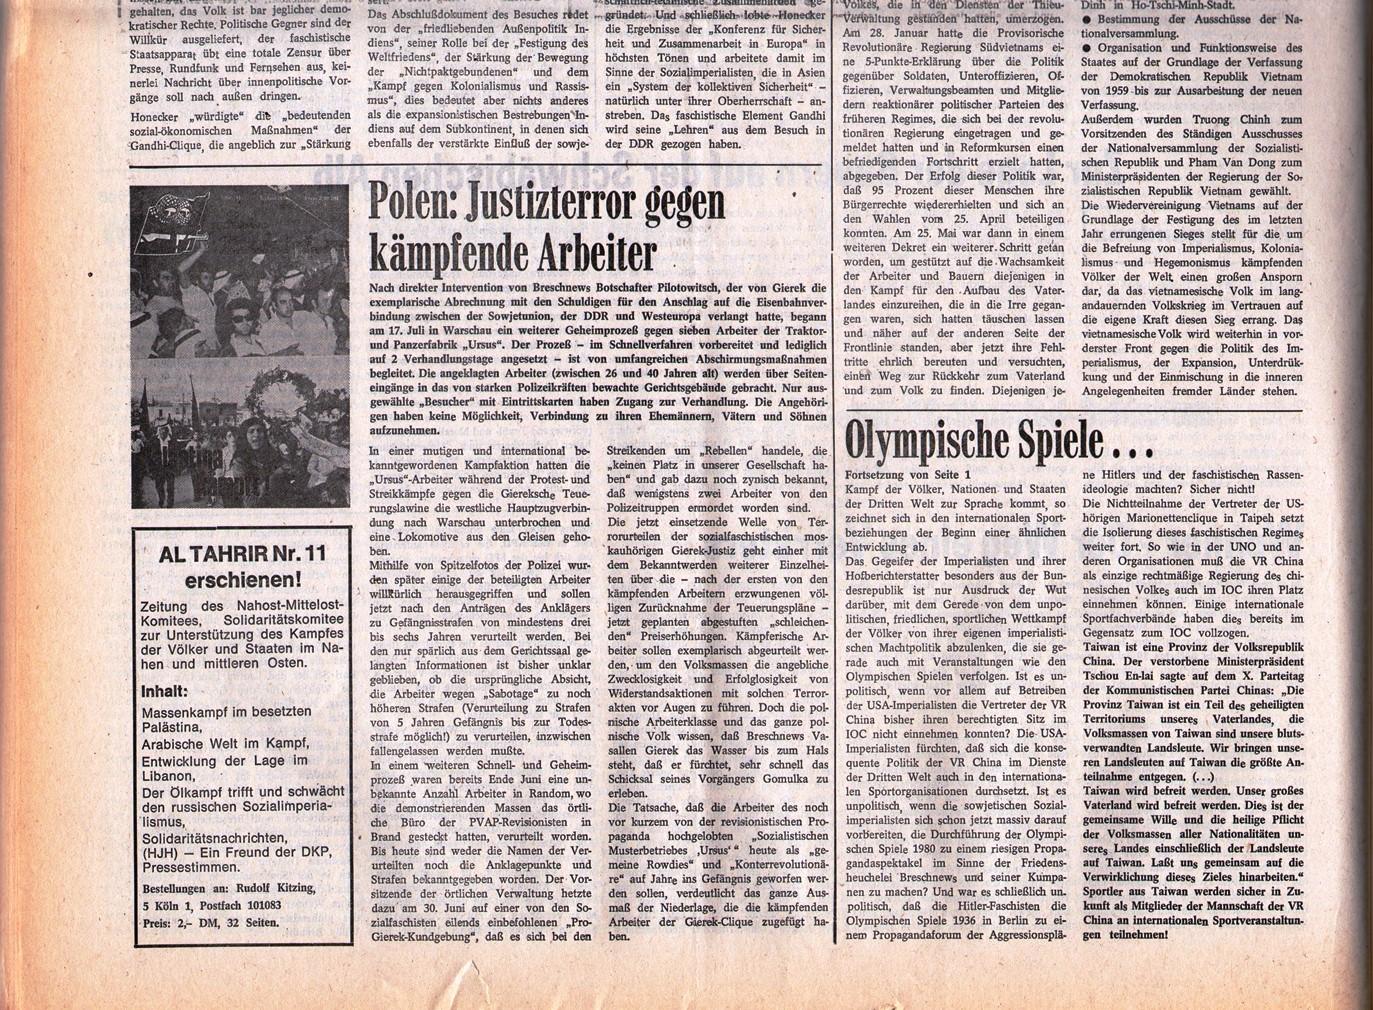 KPD_Rote_Fahne_1976_29_12